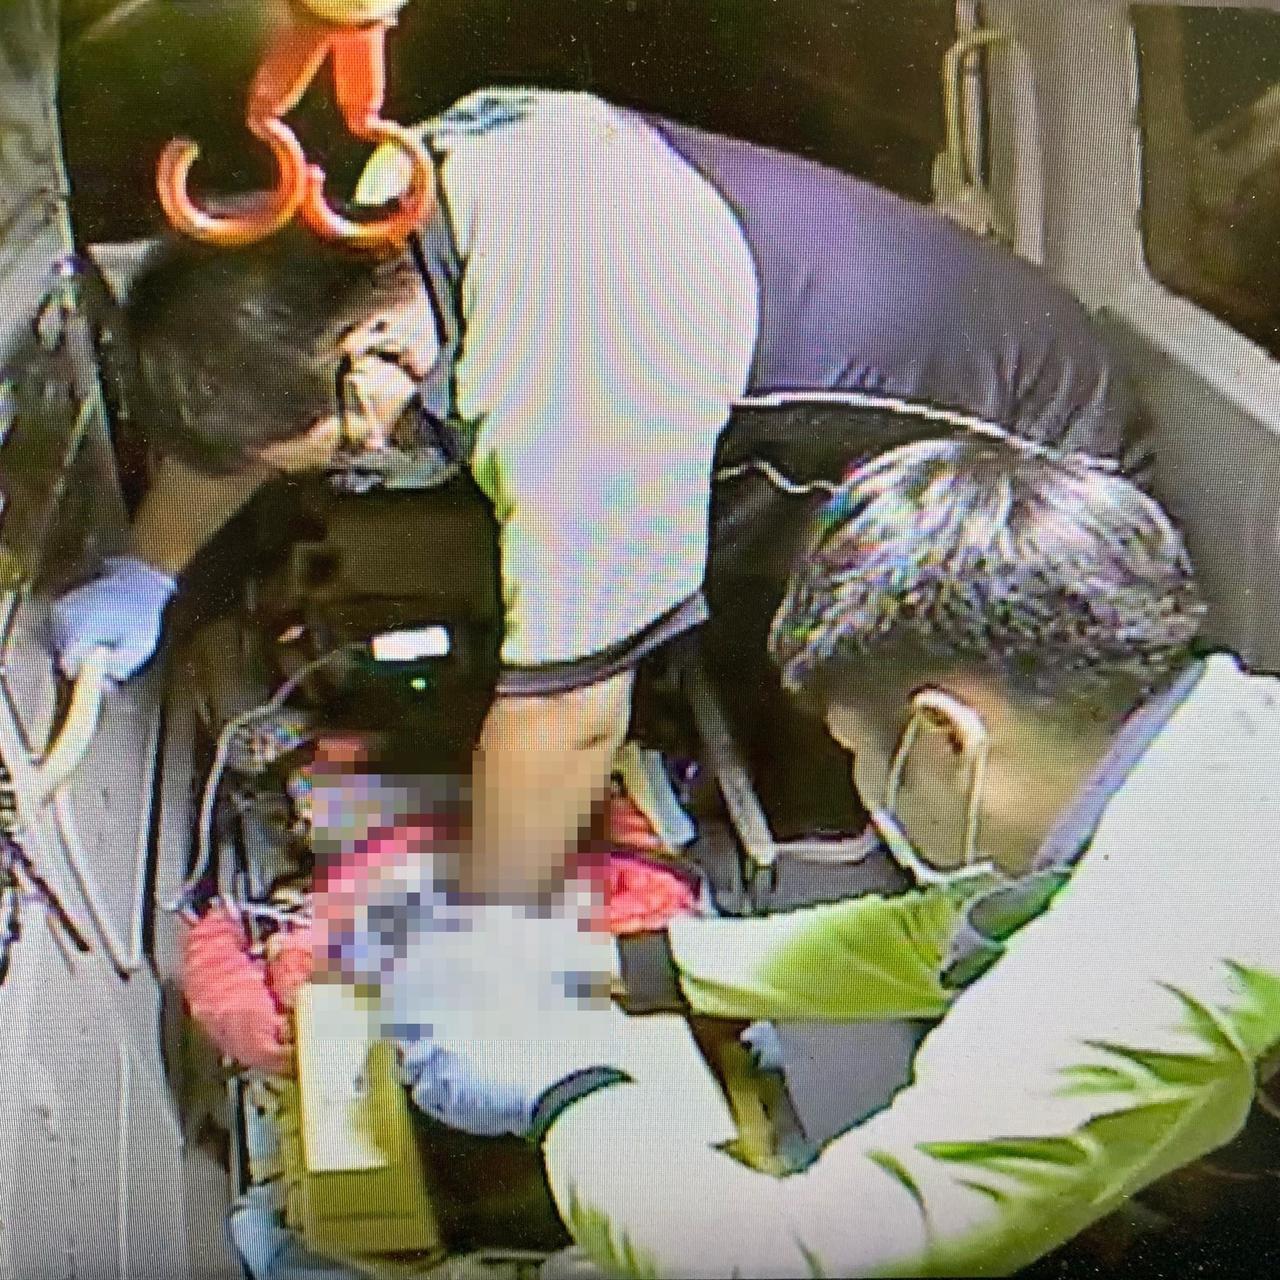 消防員幫謝童急救送醫。記者王駿杰/翻攝